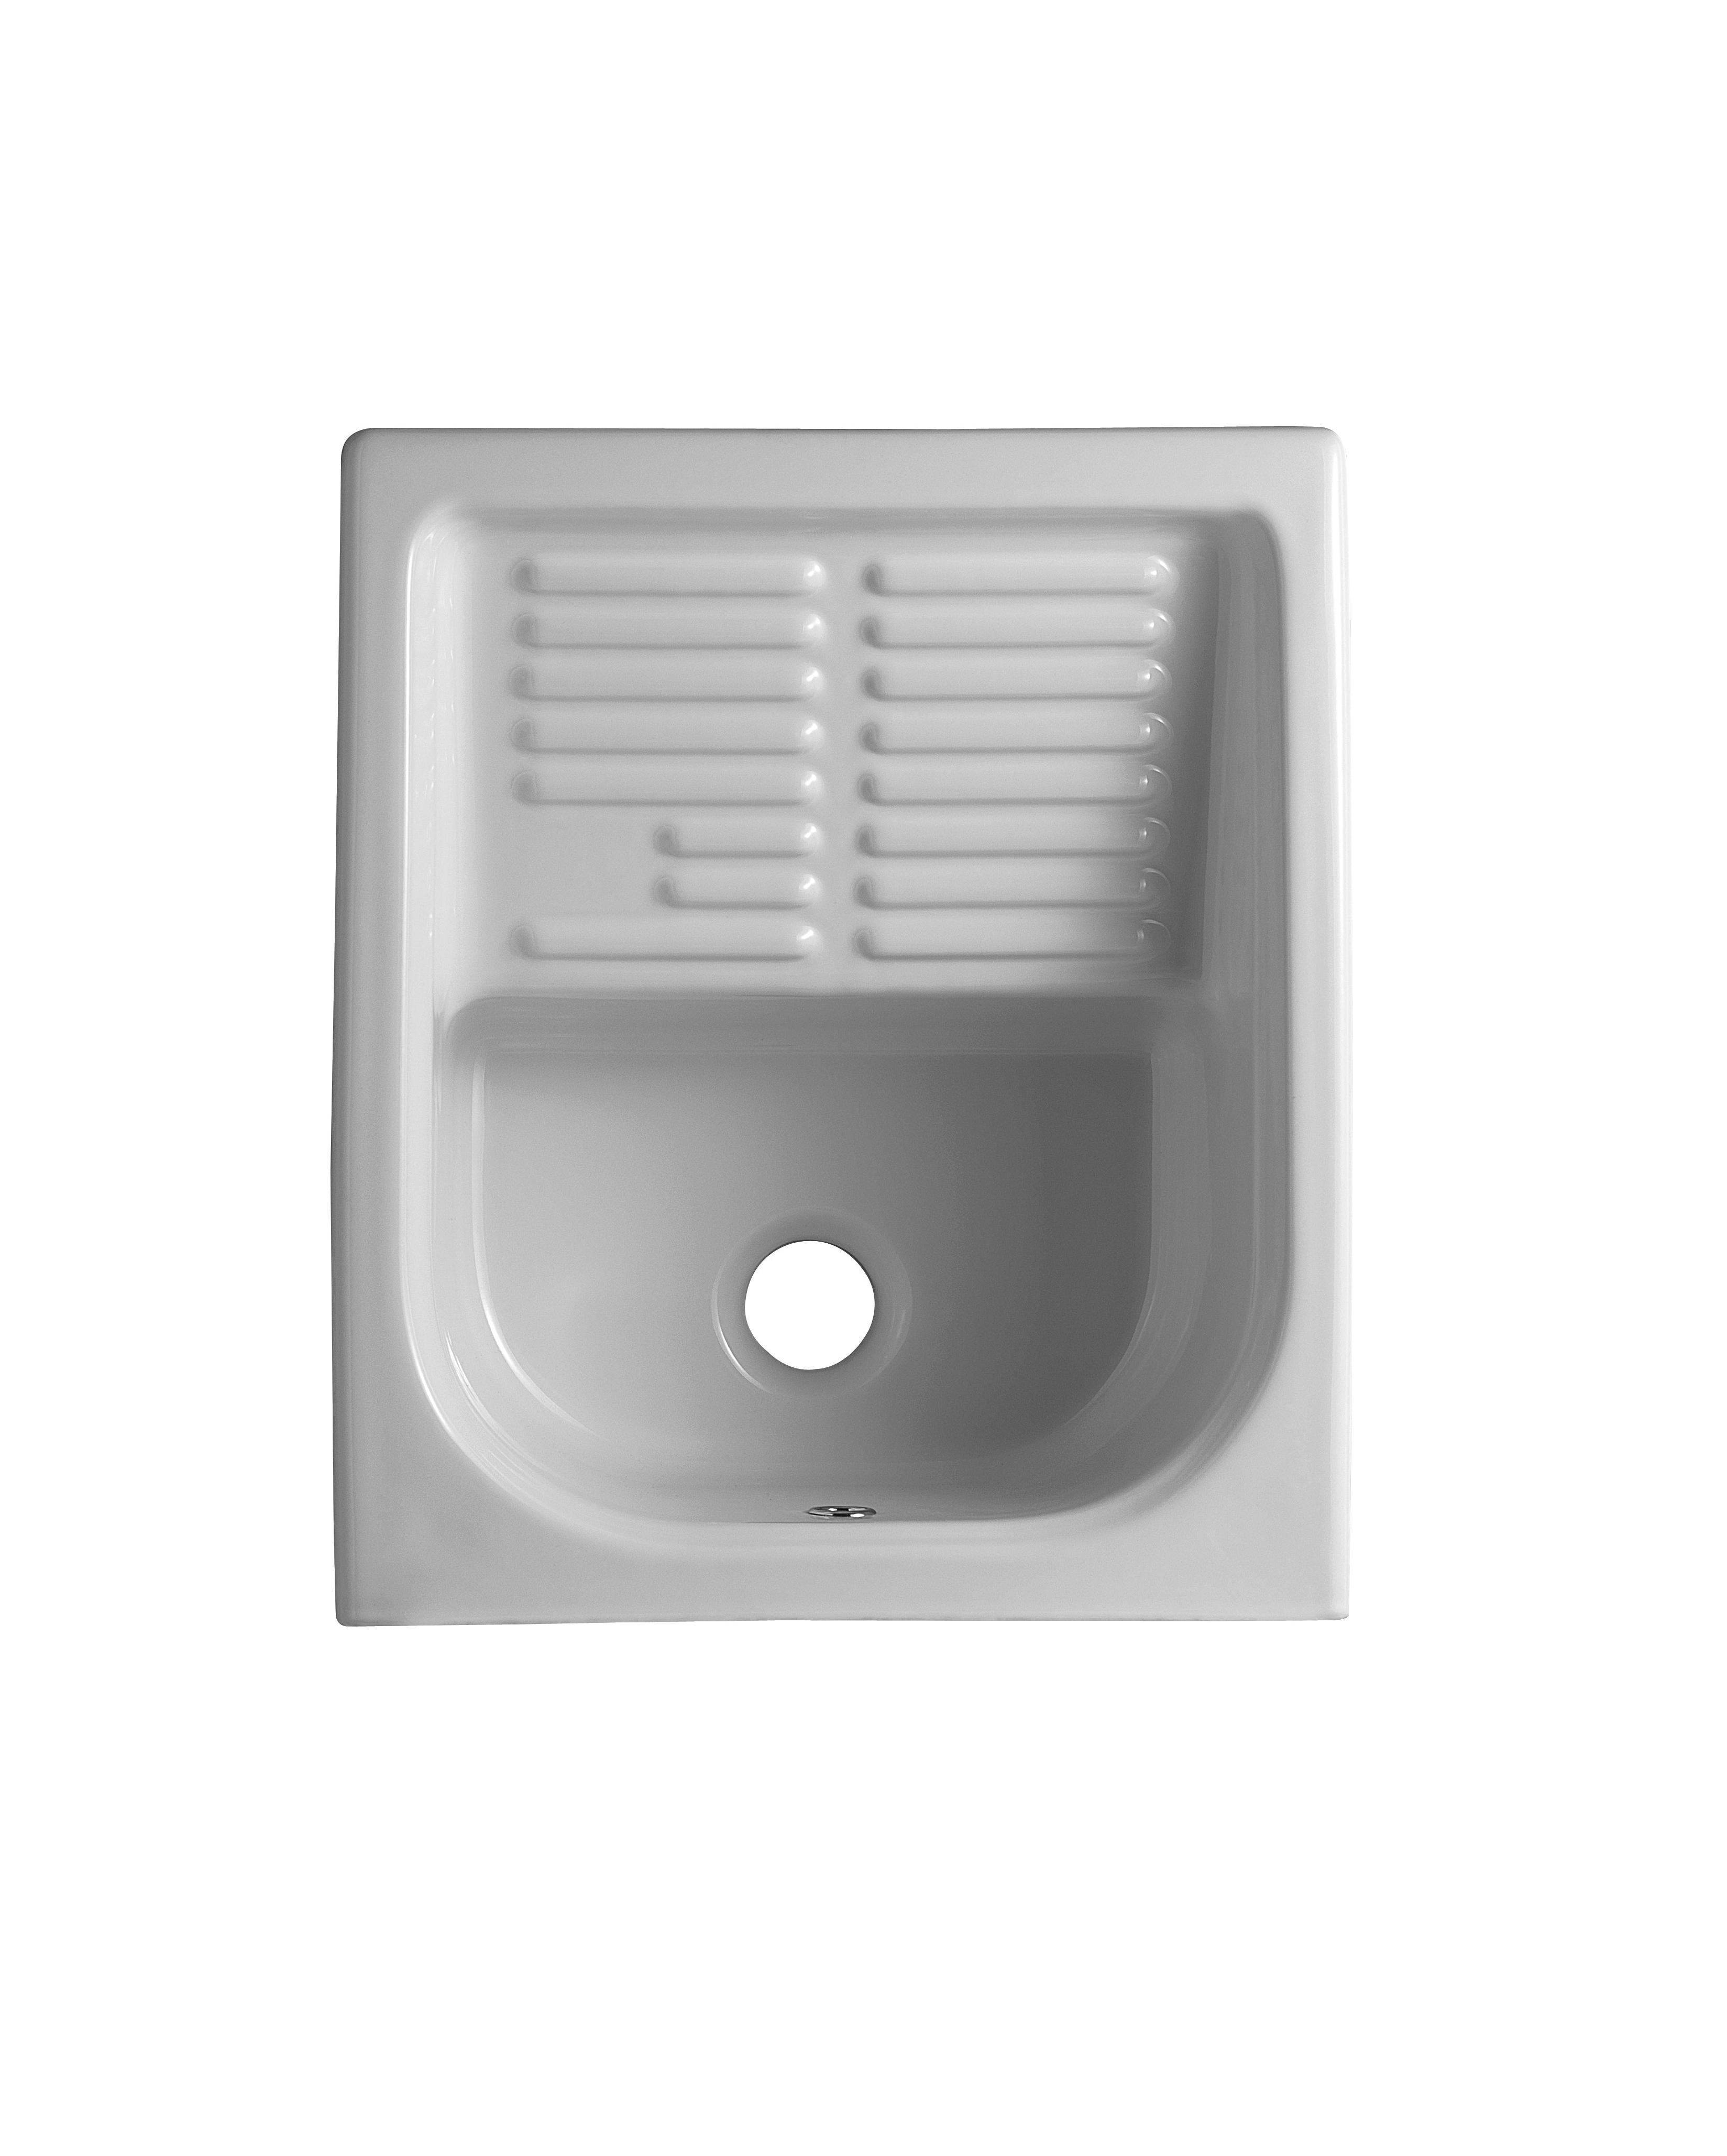 Lavatoi in ceramica lavatoio in ceramica 44x52 con strizzatoio con mobile bianco - Lavatoio ceramica con mobile ...